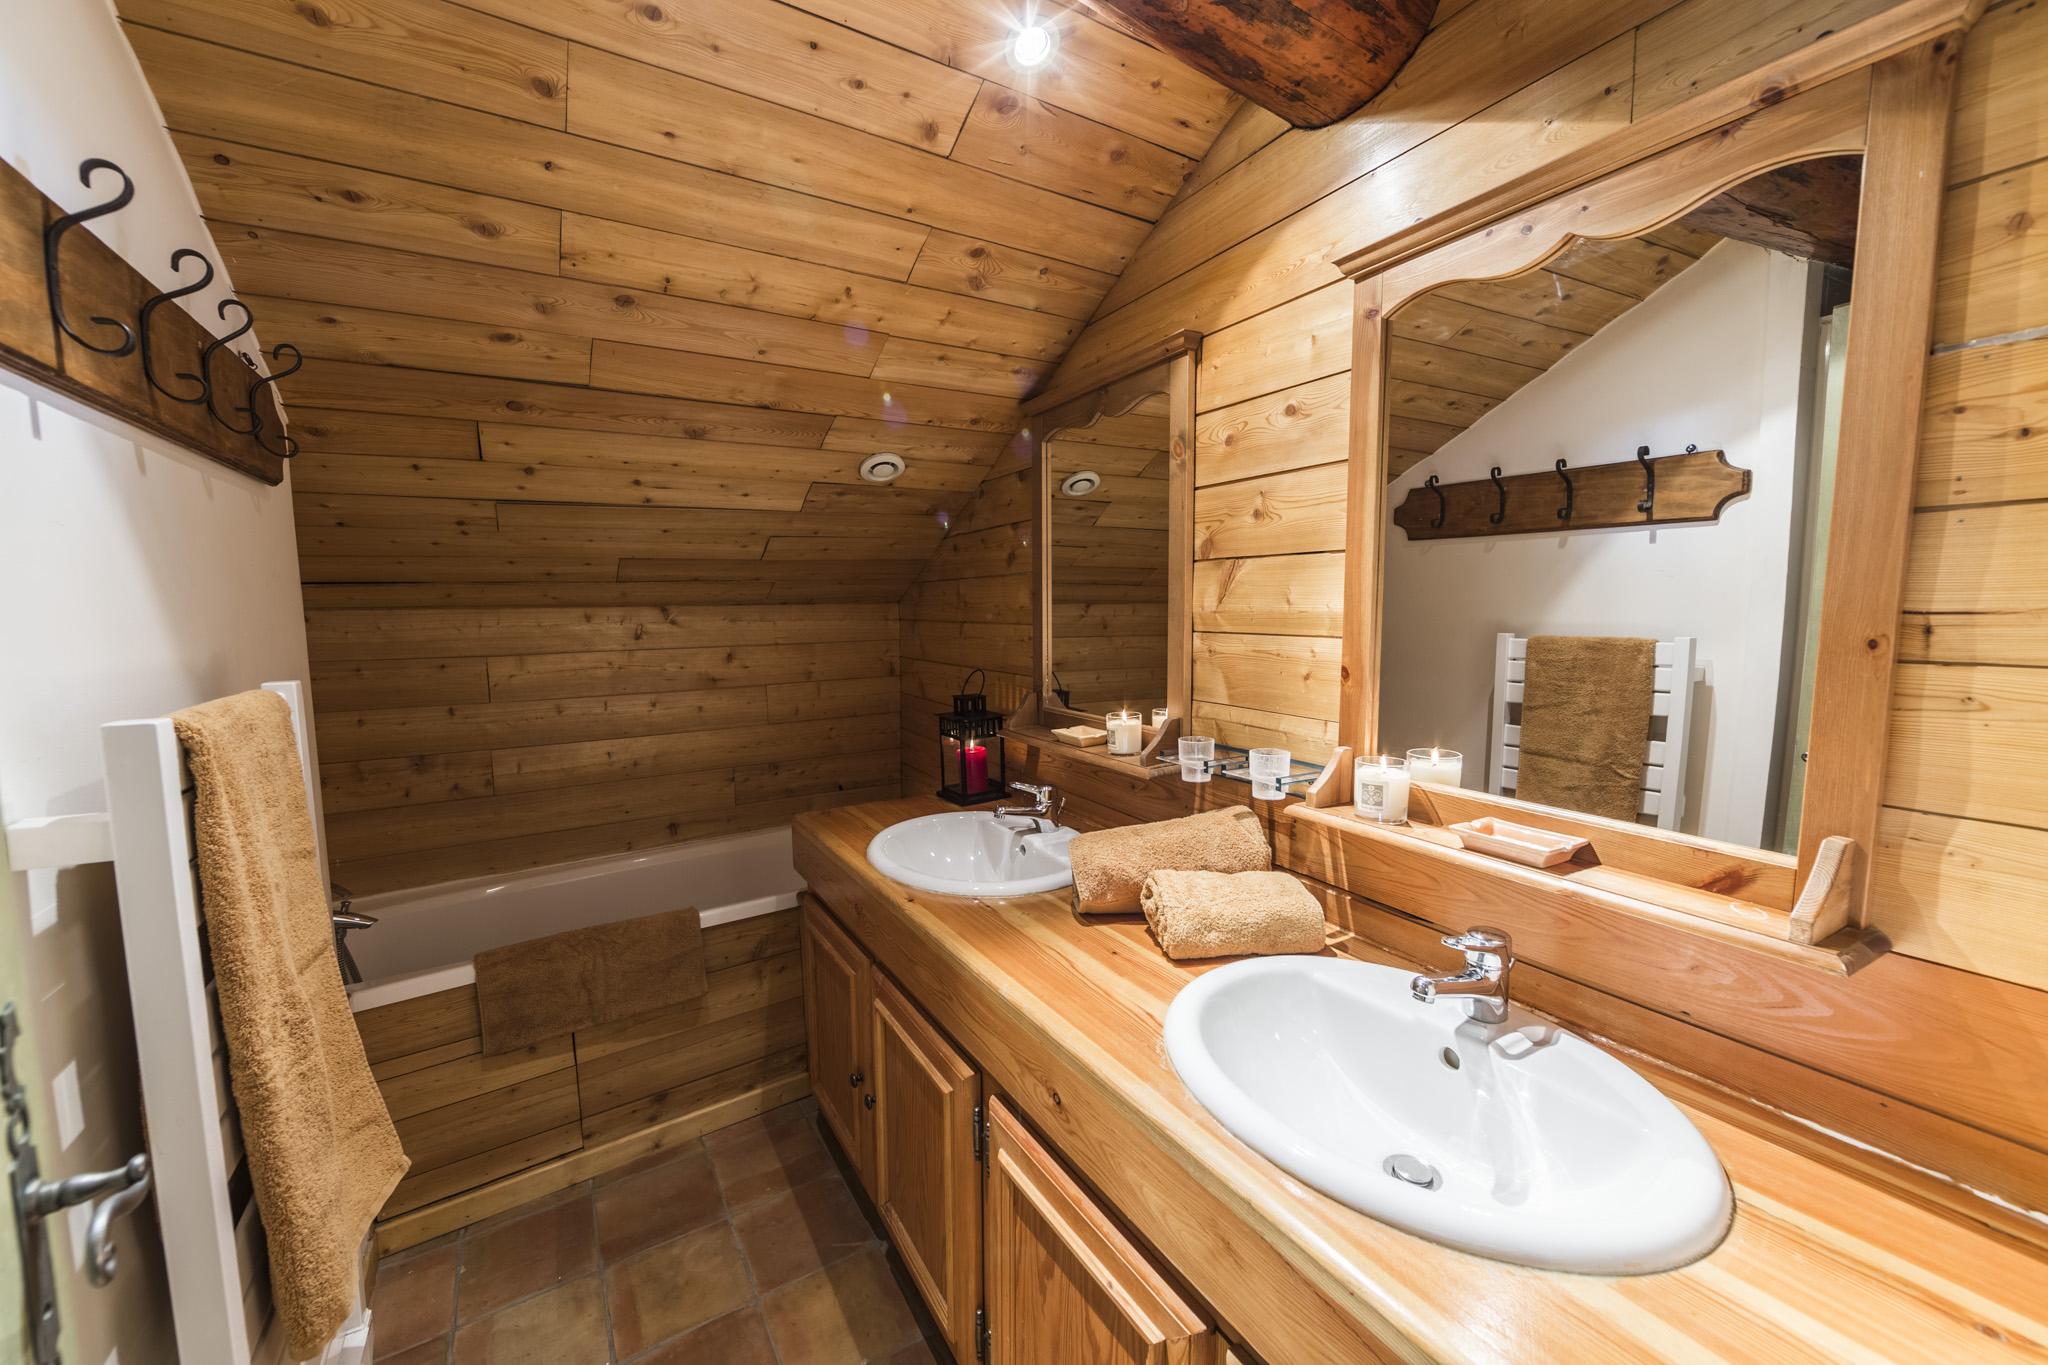 salle-de-bain-chaleureuse-chalet | Chalet Les Boulons ...